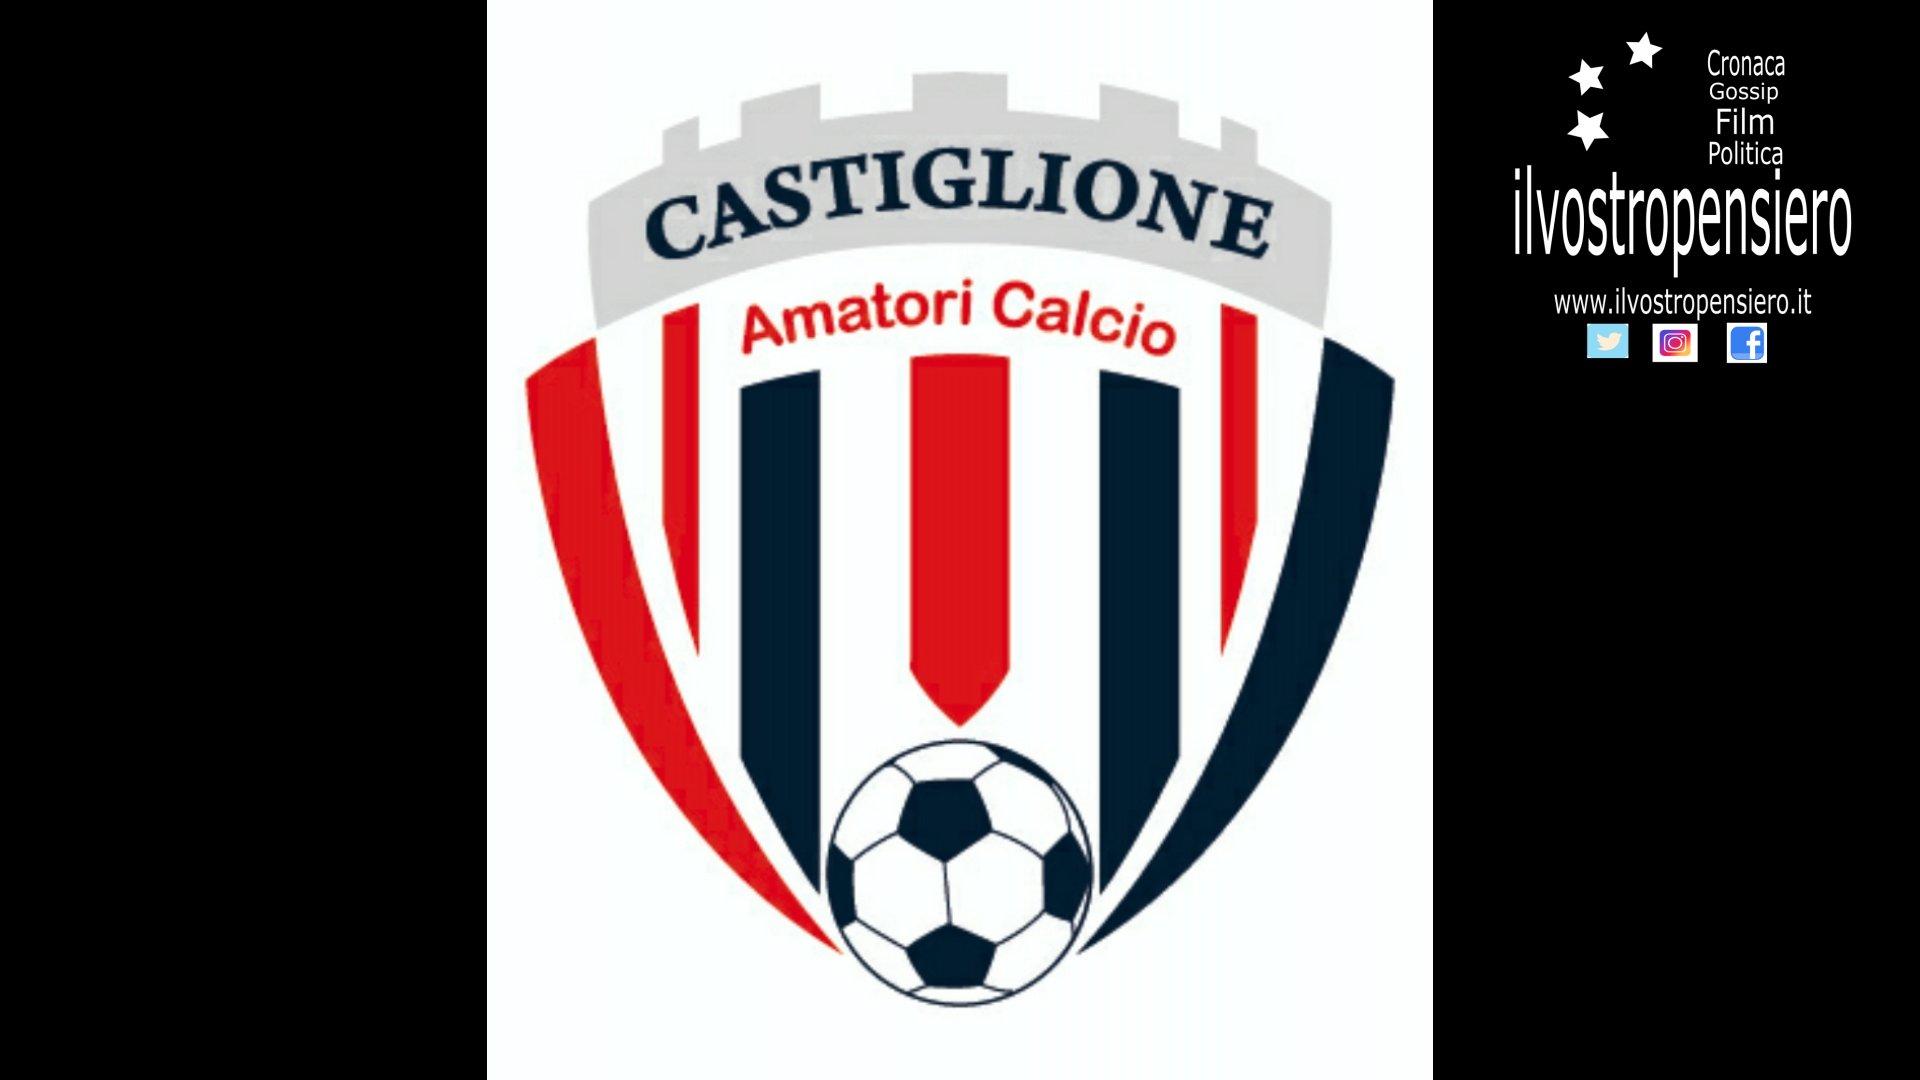 Amatori over 30: Castiglione D'Otranto 1 – Uggiano la chiesa 2